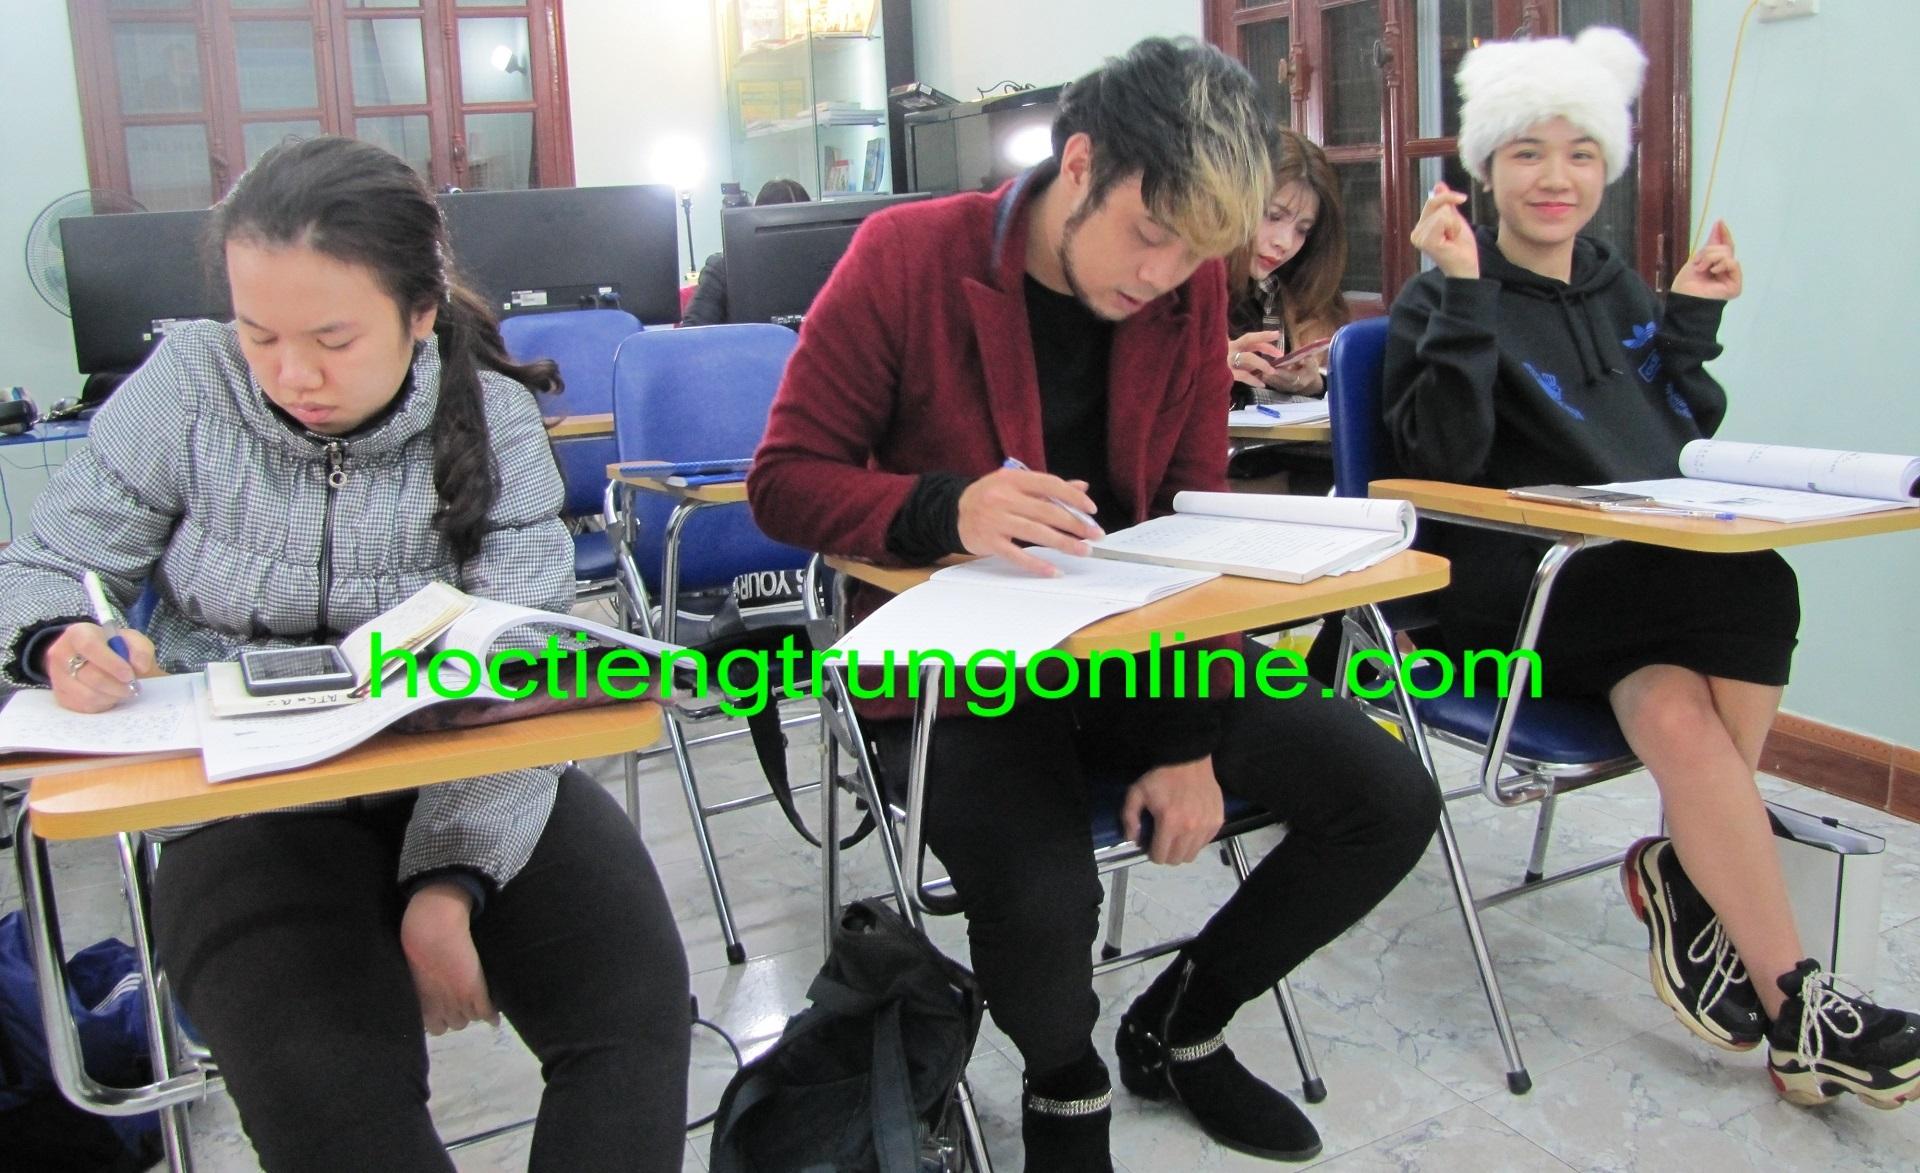 Học tiếng Trung online Thầy Vũ Trung tâm tiếng Trung ChineMaster 11